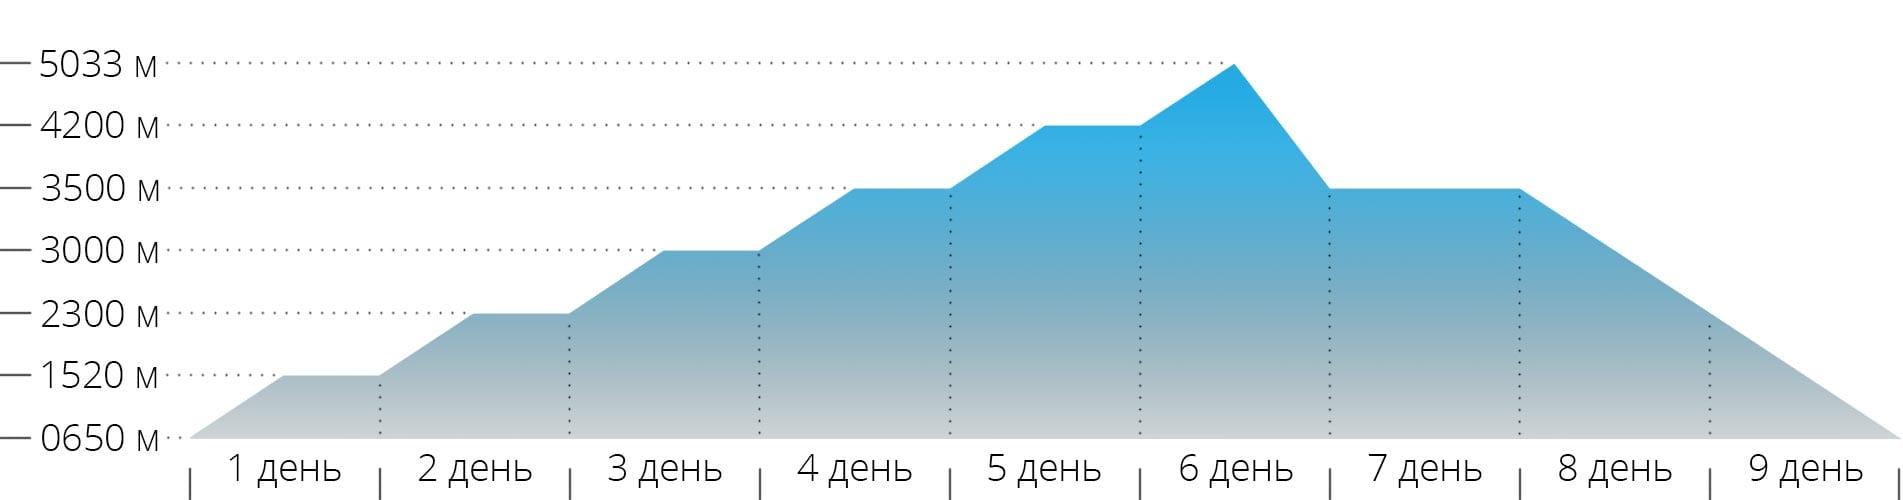 График с высотами для восхождения на гору Казбек из России с северной стороны